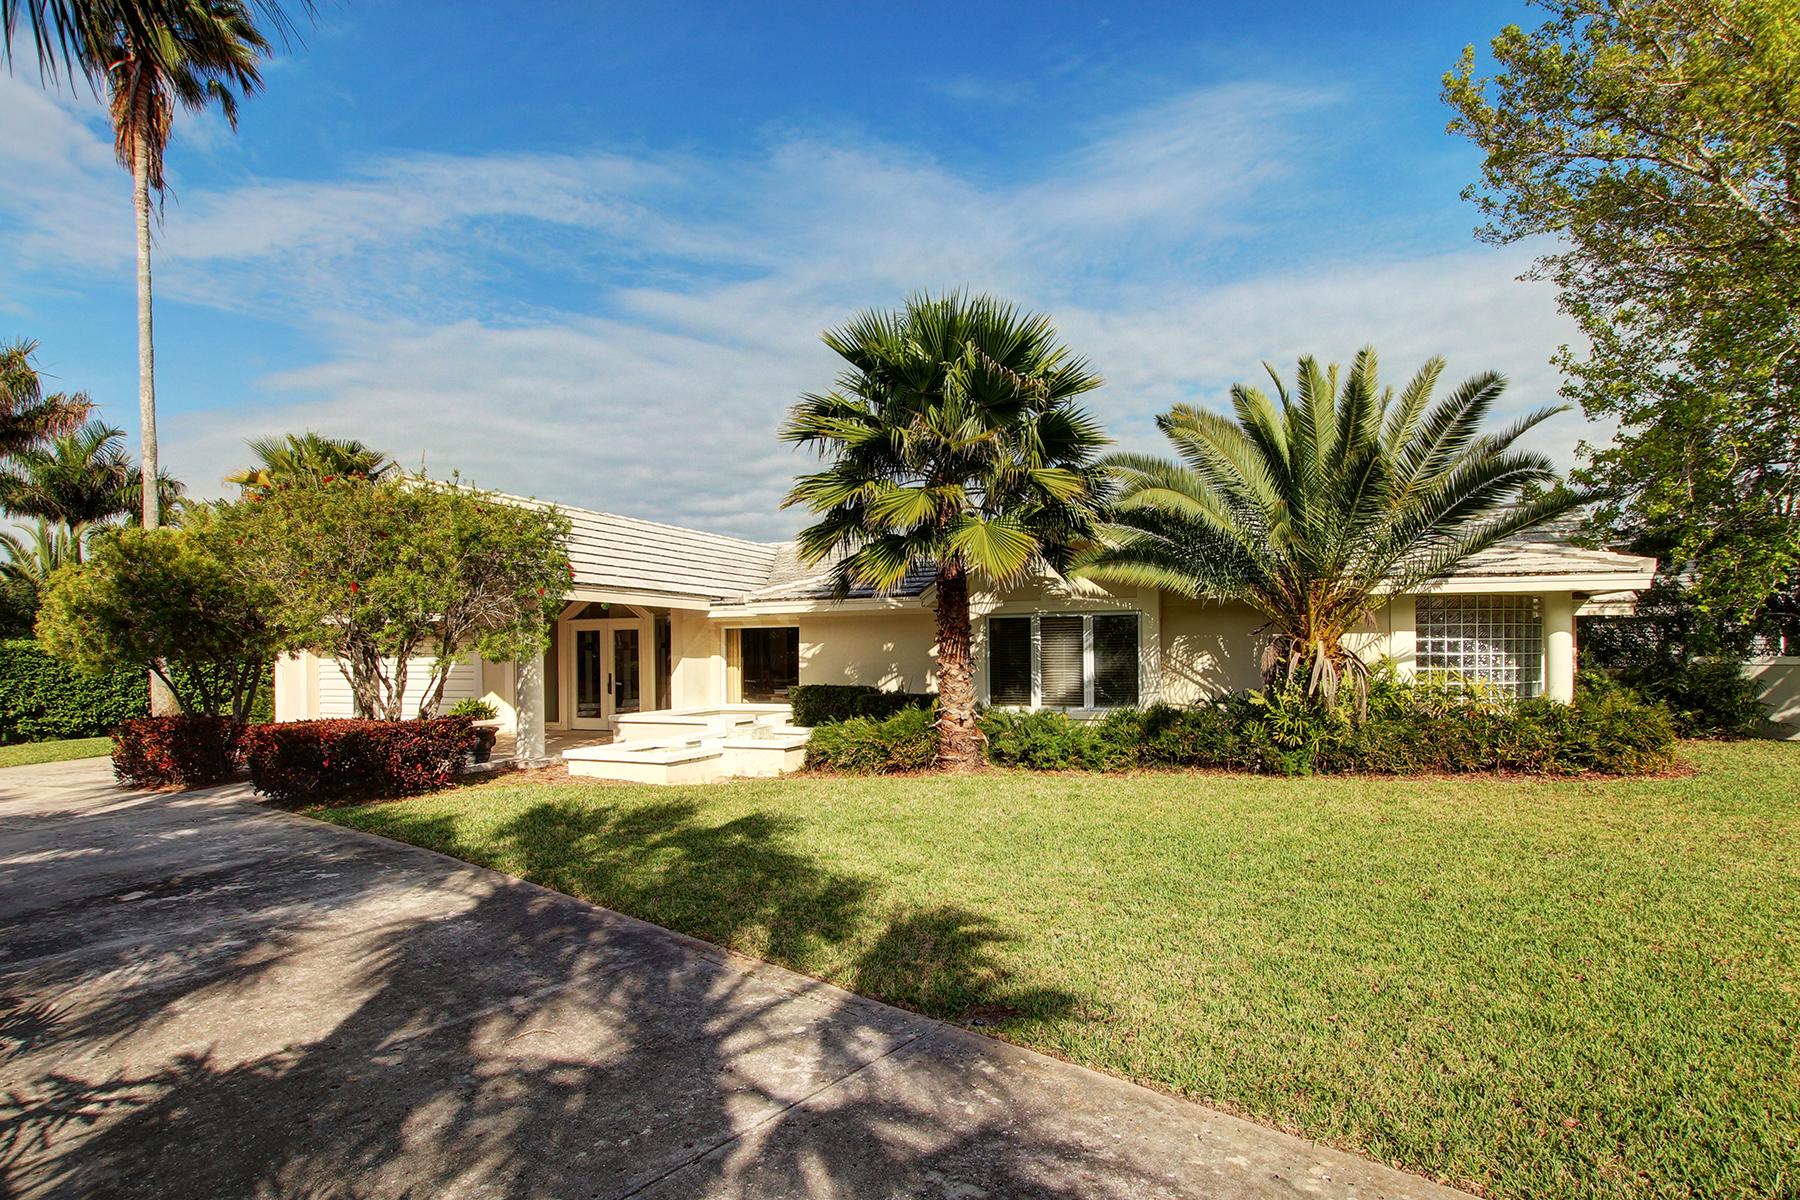 獨棟家庭住宅 為 出售 在 BELLEAIR BEACH 319 Belle Isle Ave Belleair Beach, 佛羅里達州 33786 美國